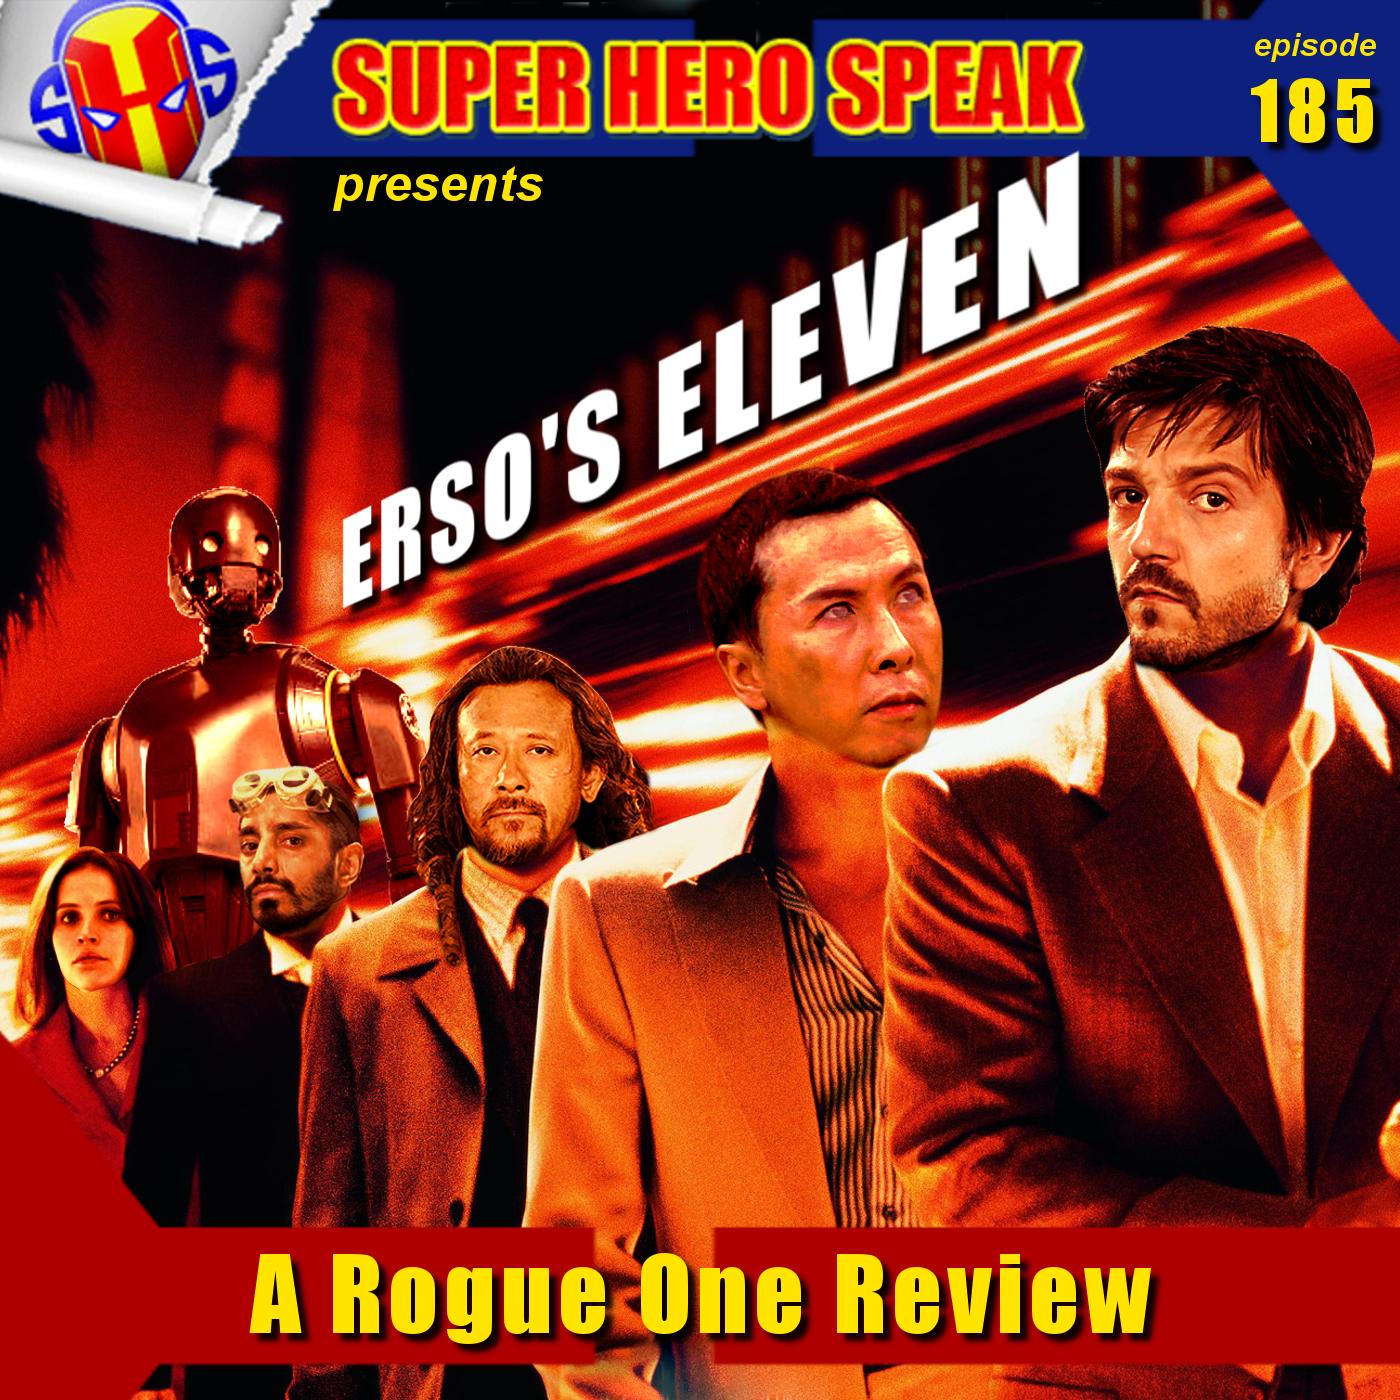 #185: Erso's Eleven